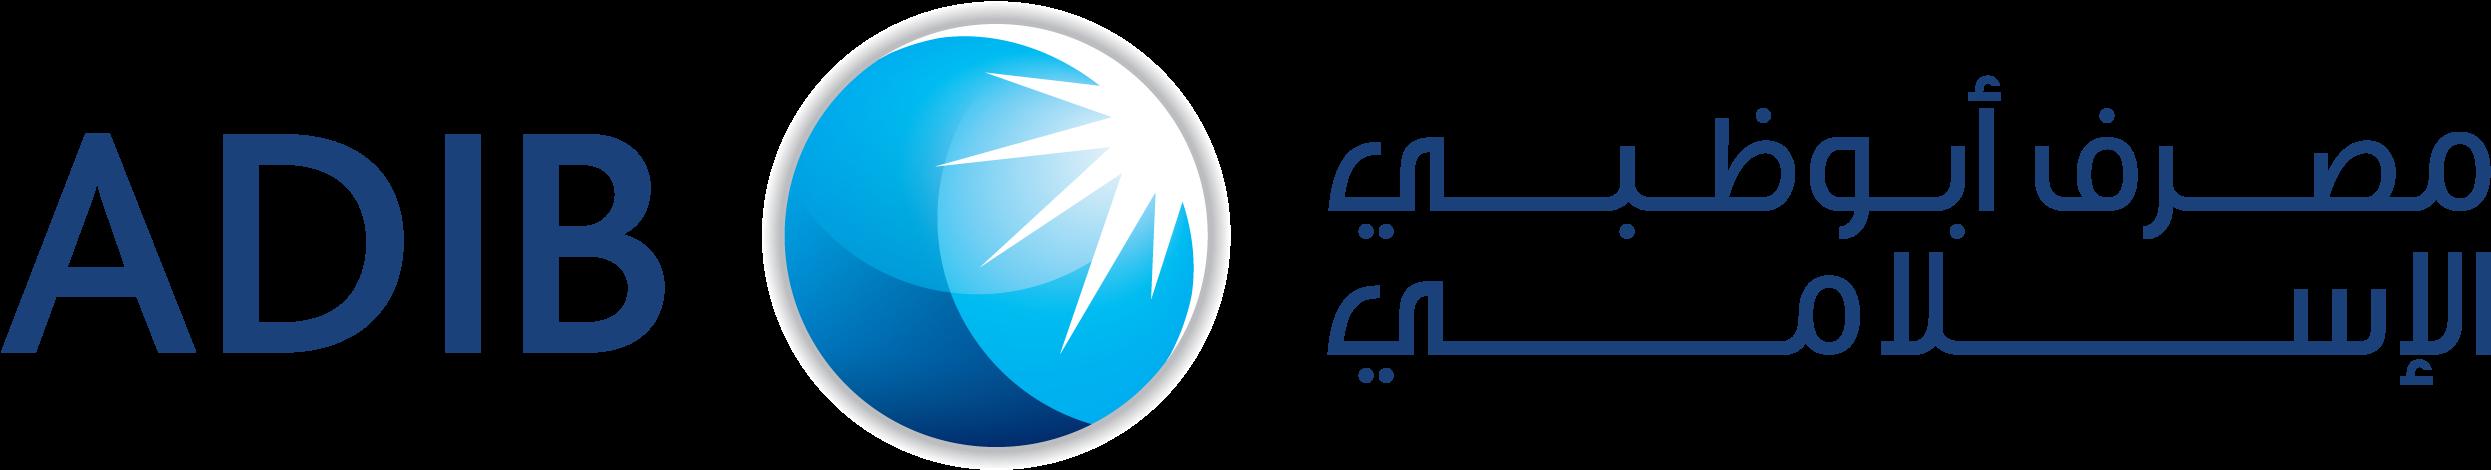 logo-adib